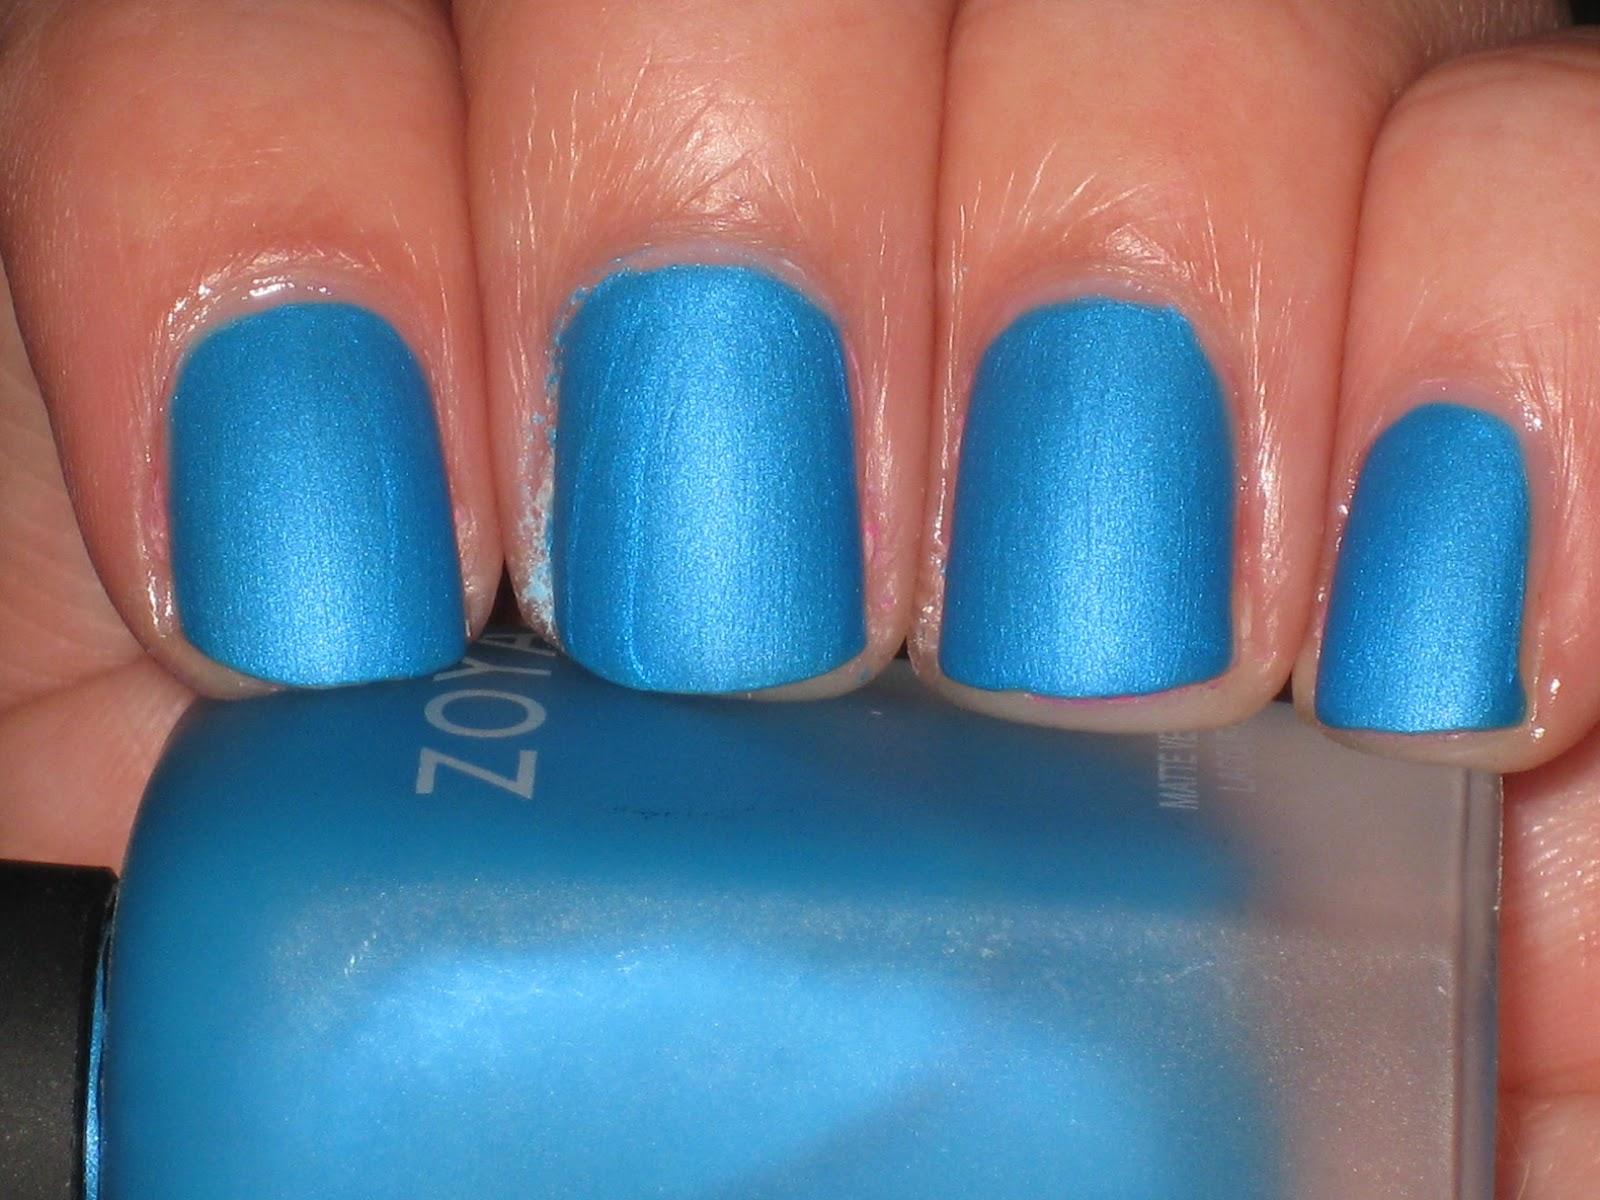 Electric Blue Matte Nail Polish She's an Electric Blue Matte